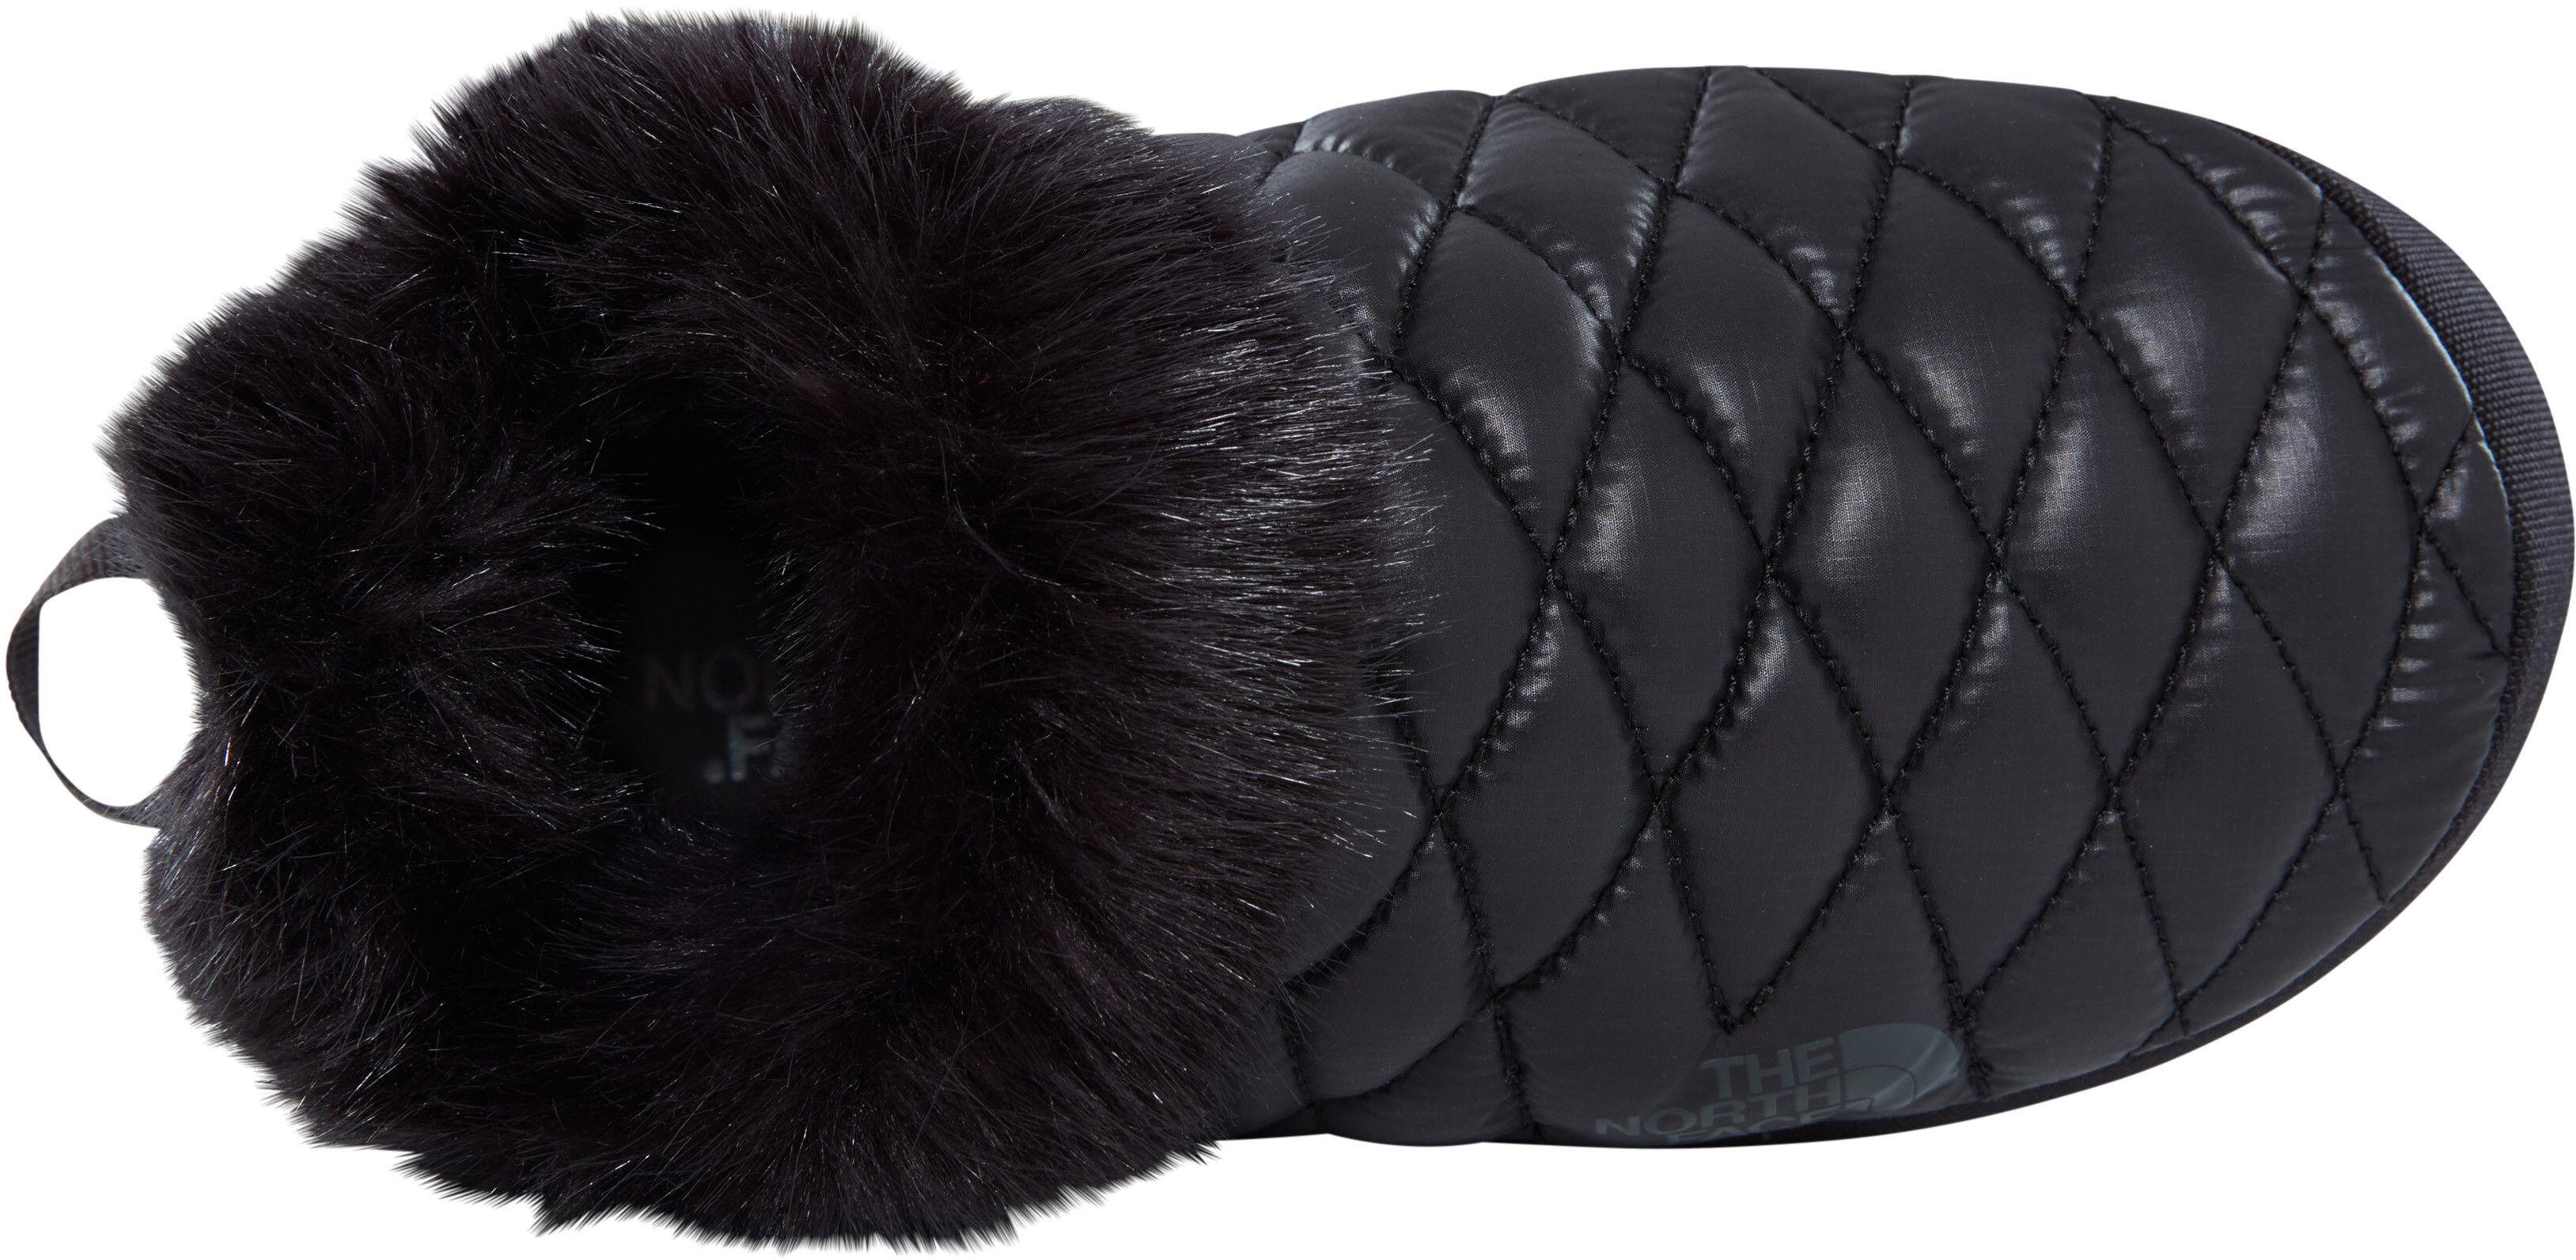 d6de77464c The North Face ThermoBall Tent Mule Faux Fur IV - Chaussons Femme - noir